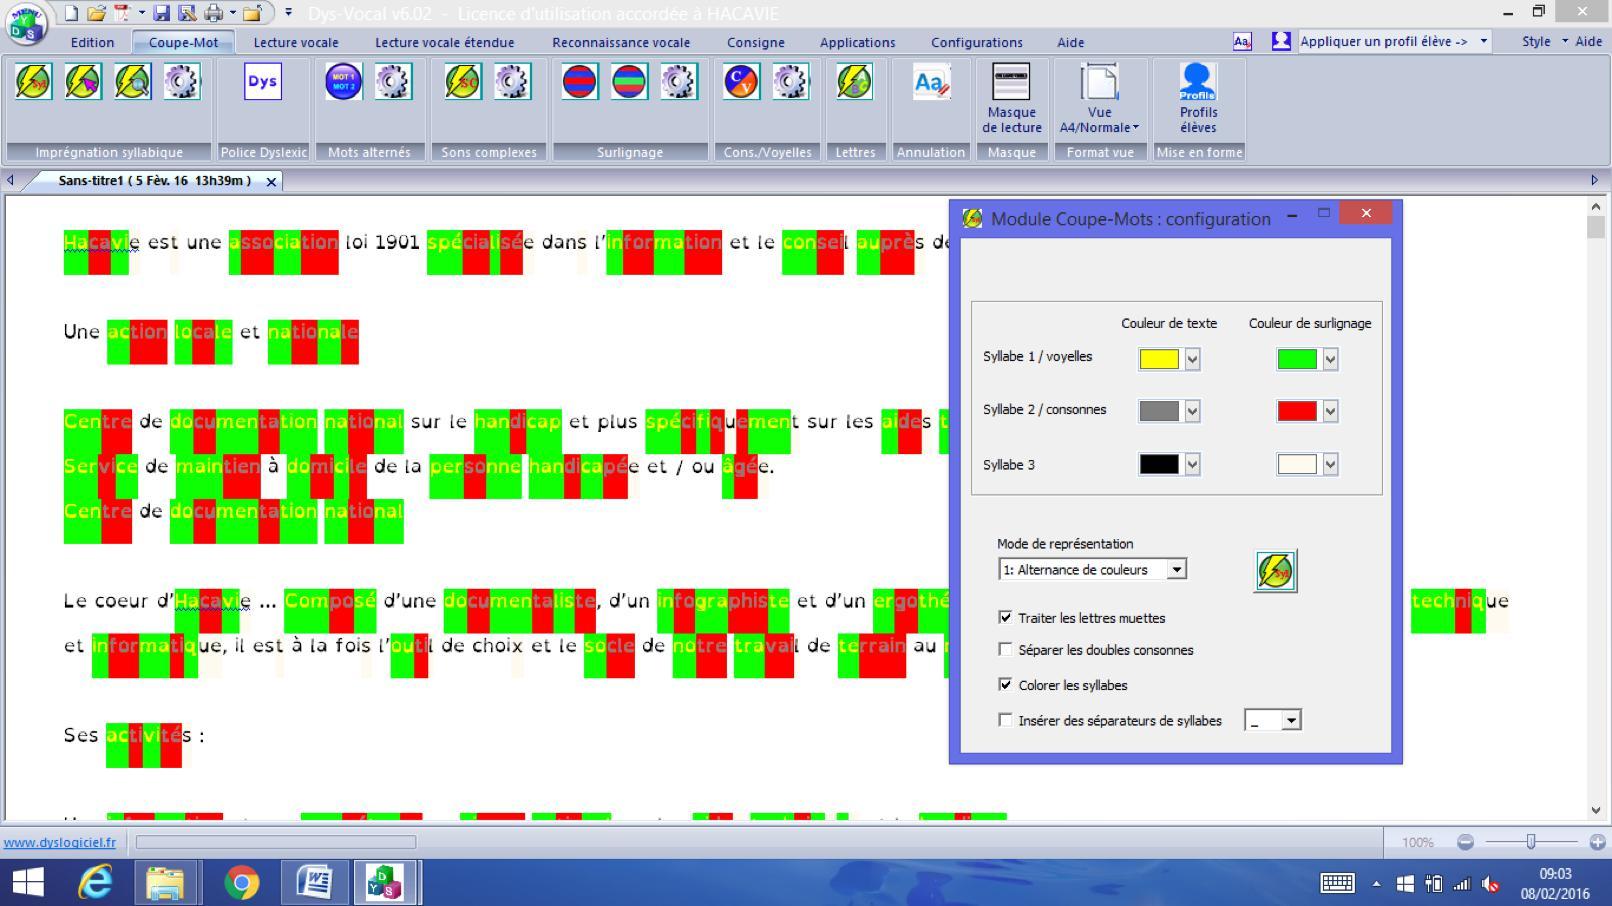 logiciels pour enfants dyspraxiques   la cl u00e9 usb dys